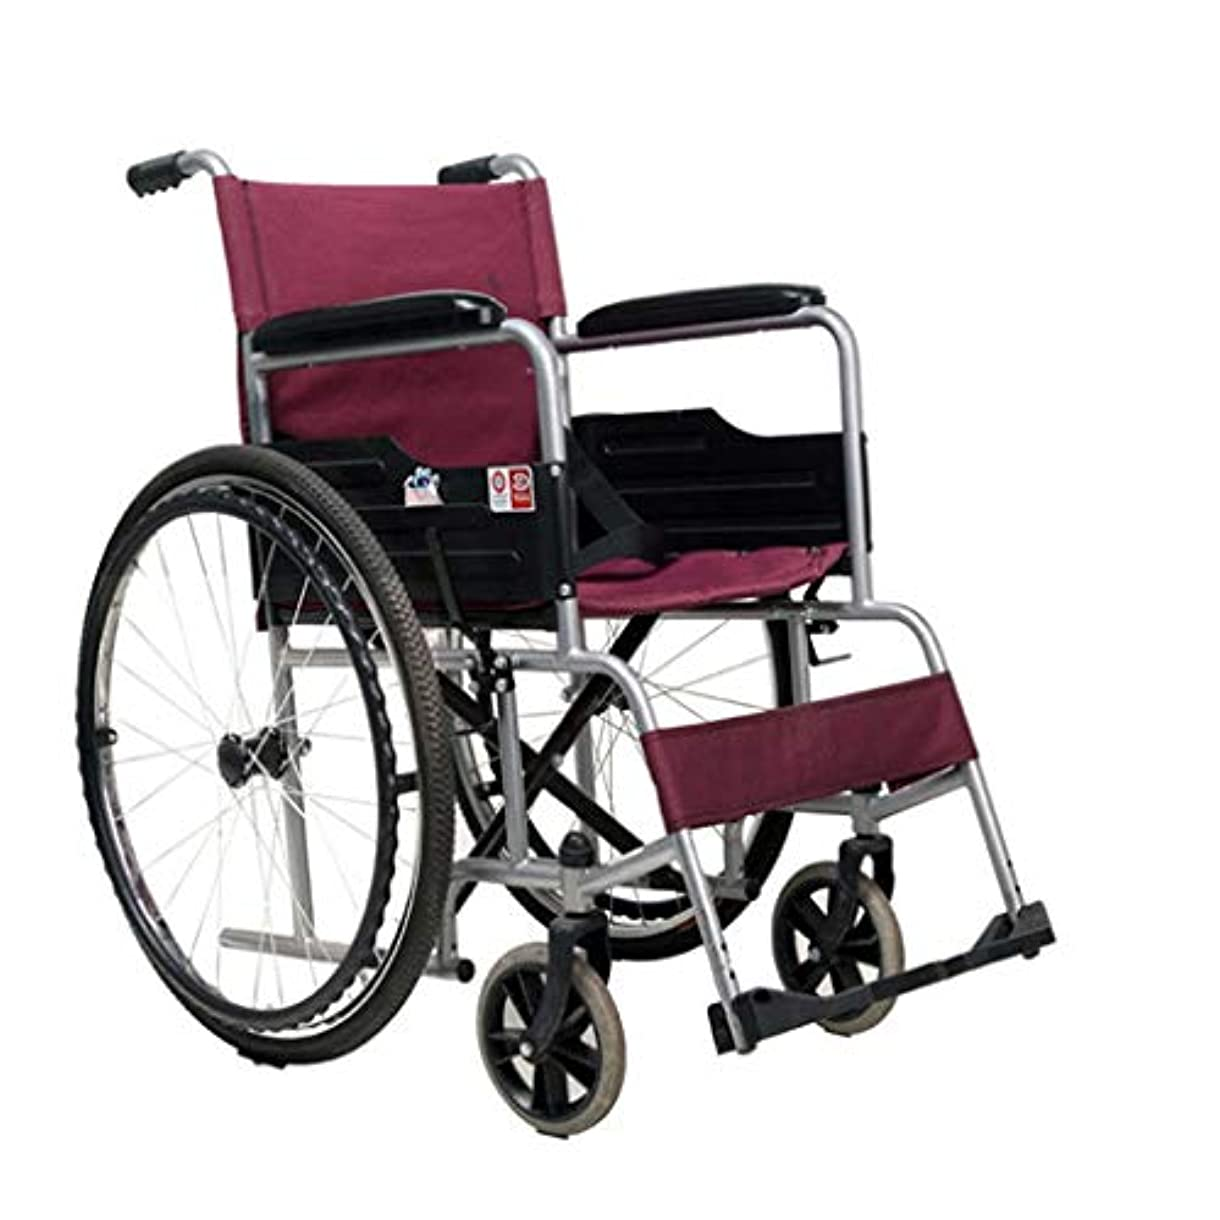 データムバンク野菜アルミ製車椅子、軽量折りたたみ式フレーム、客室乗務員用車椅子、携帯用輸送椅子、空気入りタイヤ